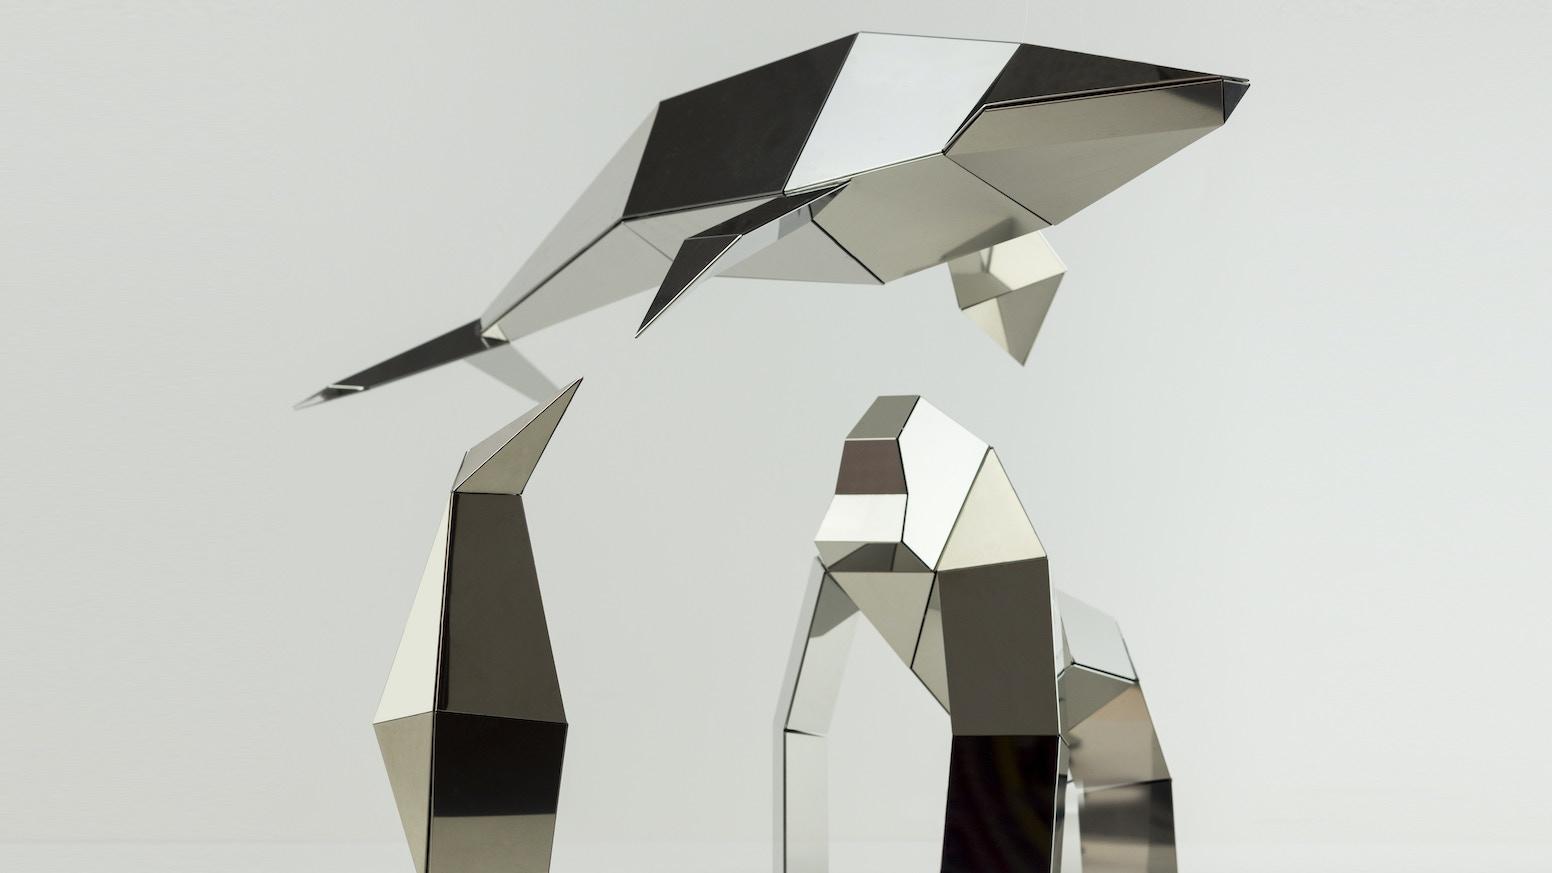 Poligon Make Your Own Sculpture By Poligon Kickstarter